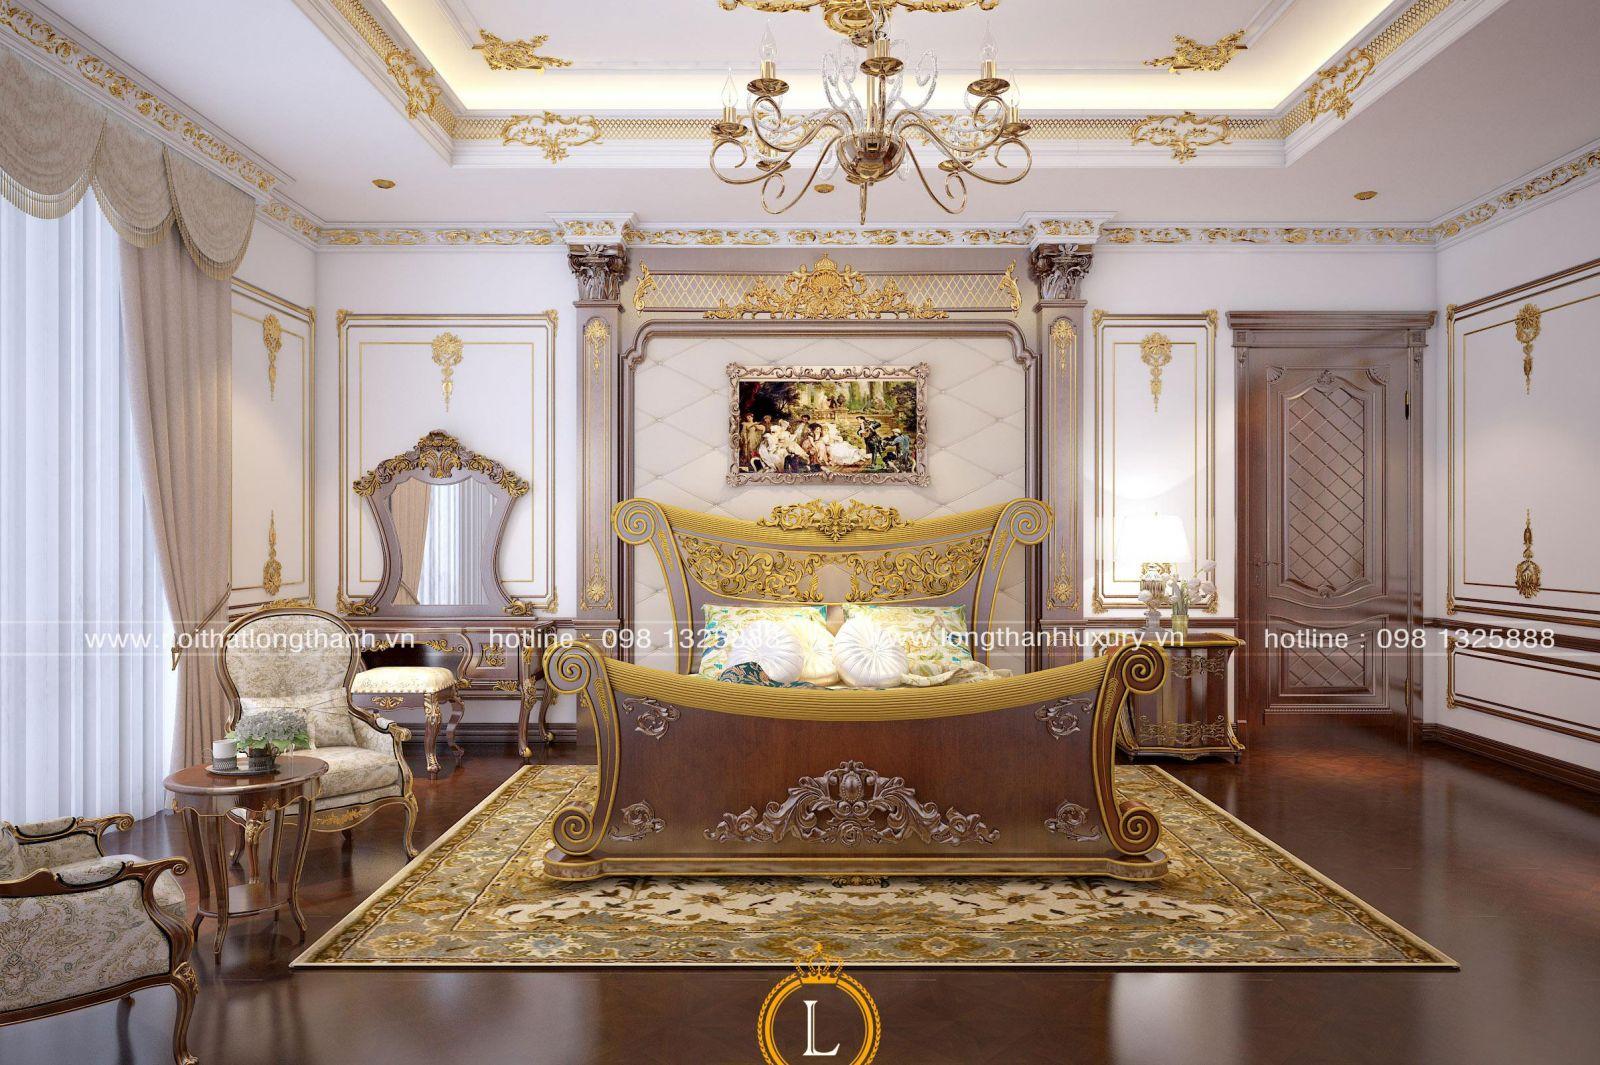 Chiếc giường ngủ trong căn phòng ngủ cao cấp được thiết kế độc đáo